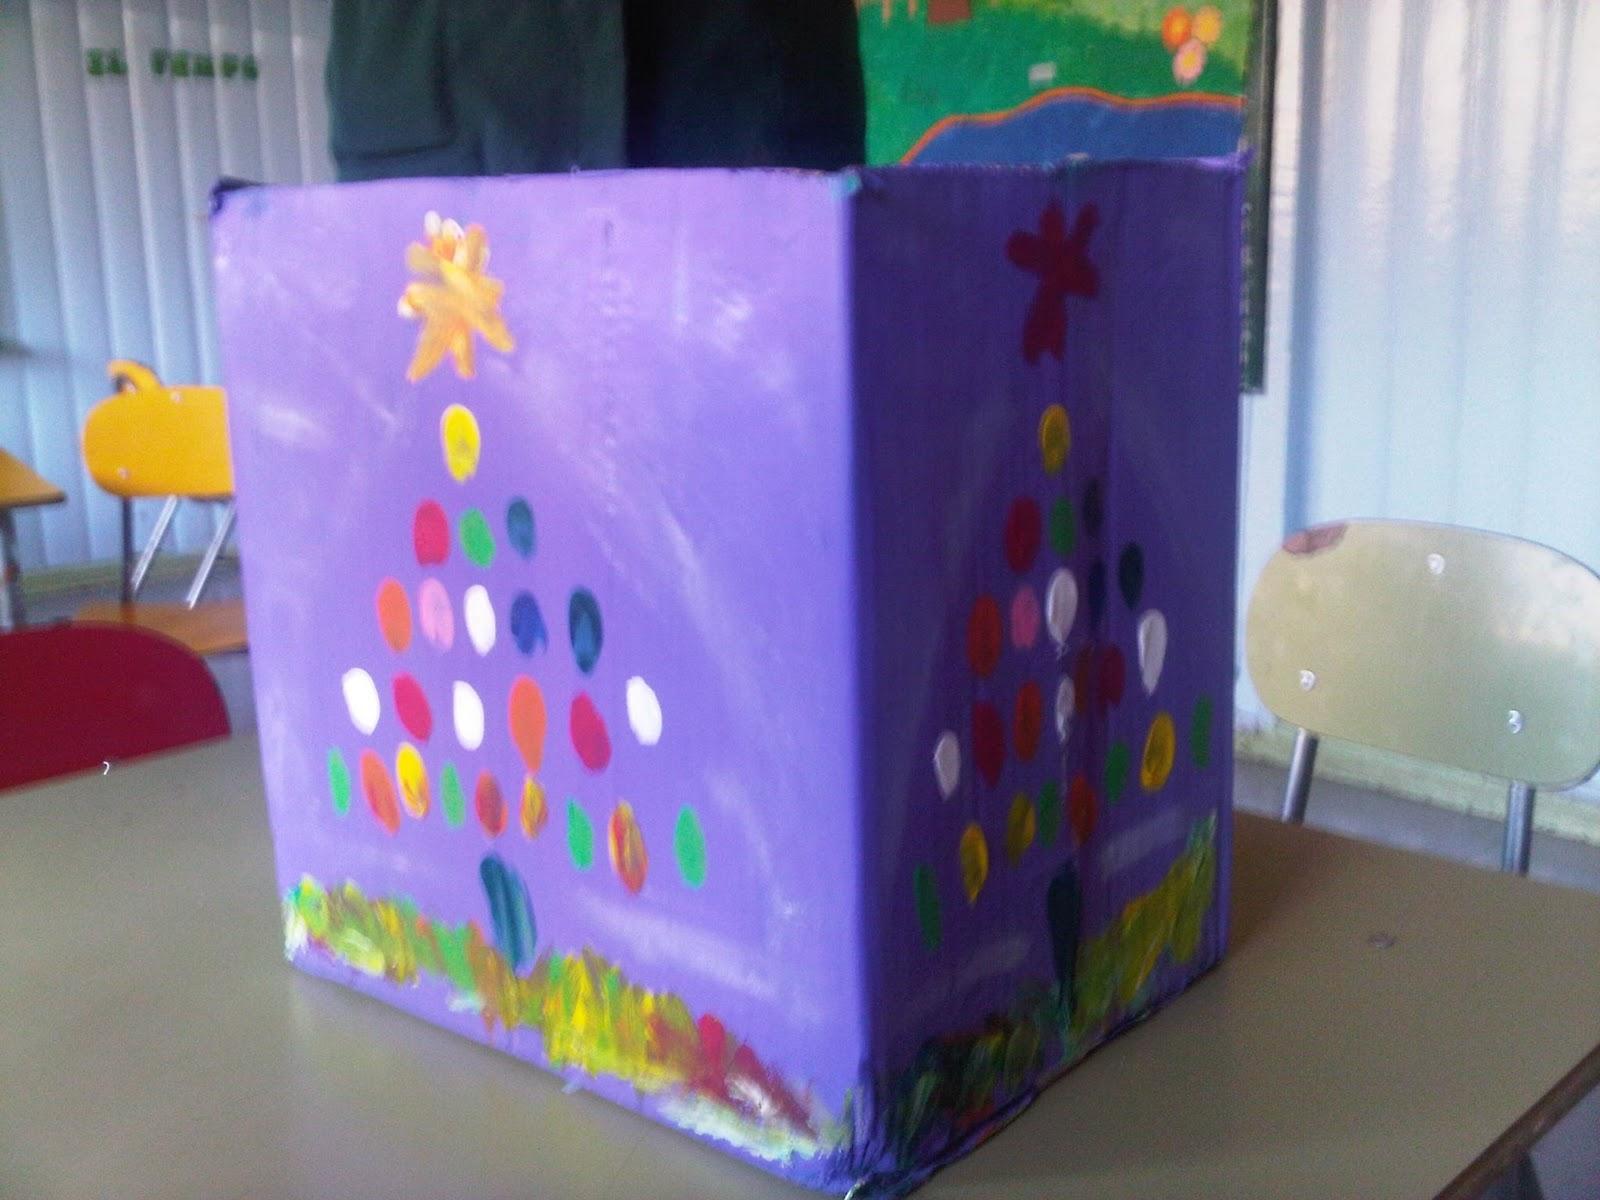 Mi manzana azul decorar cajas de cart n para navidad - Decorar con cajas de carton ...